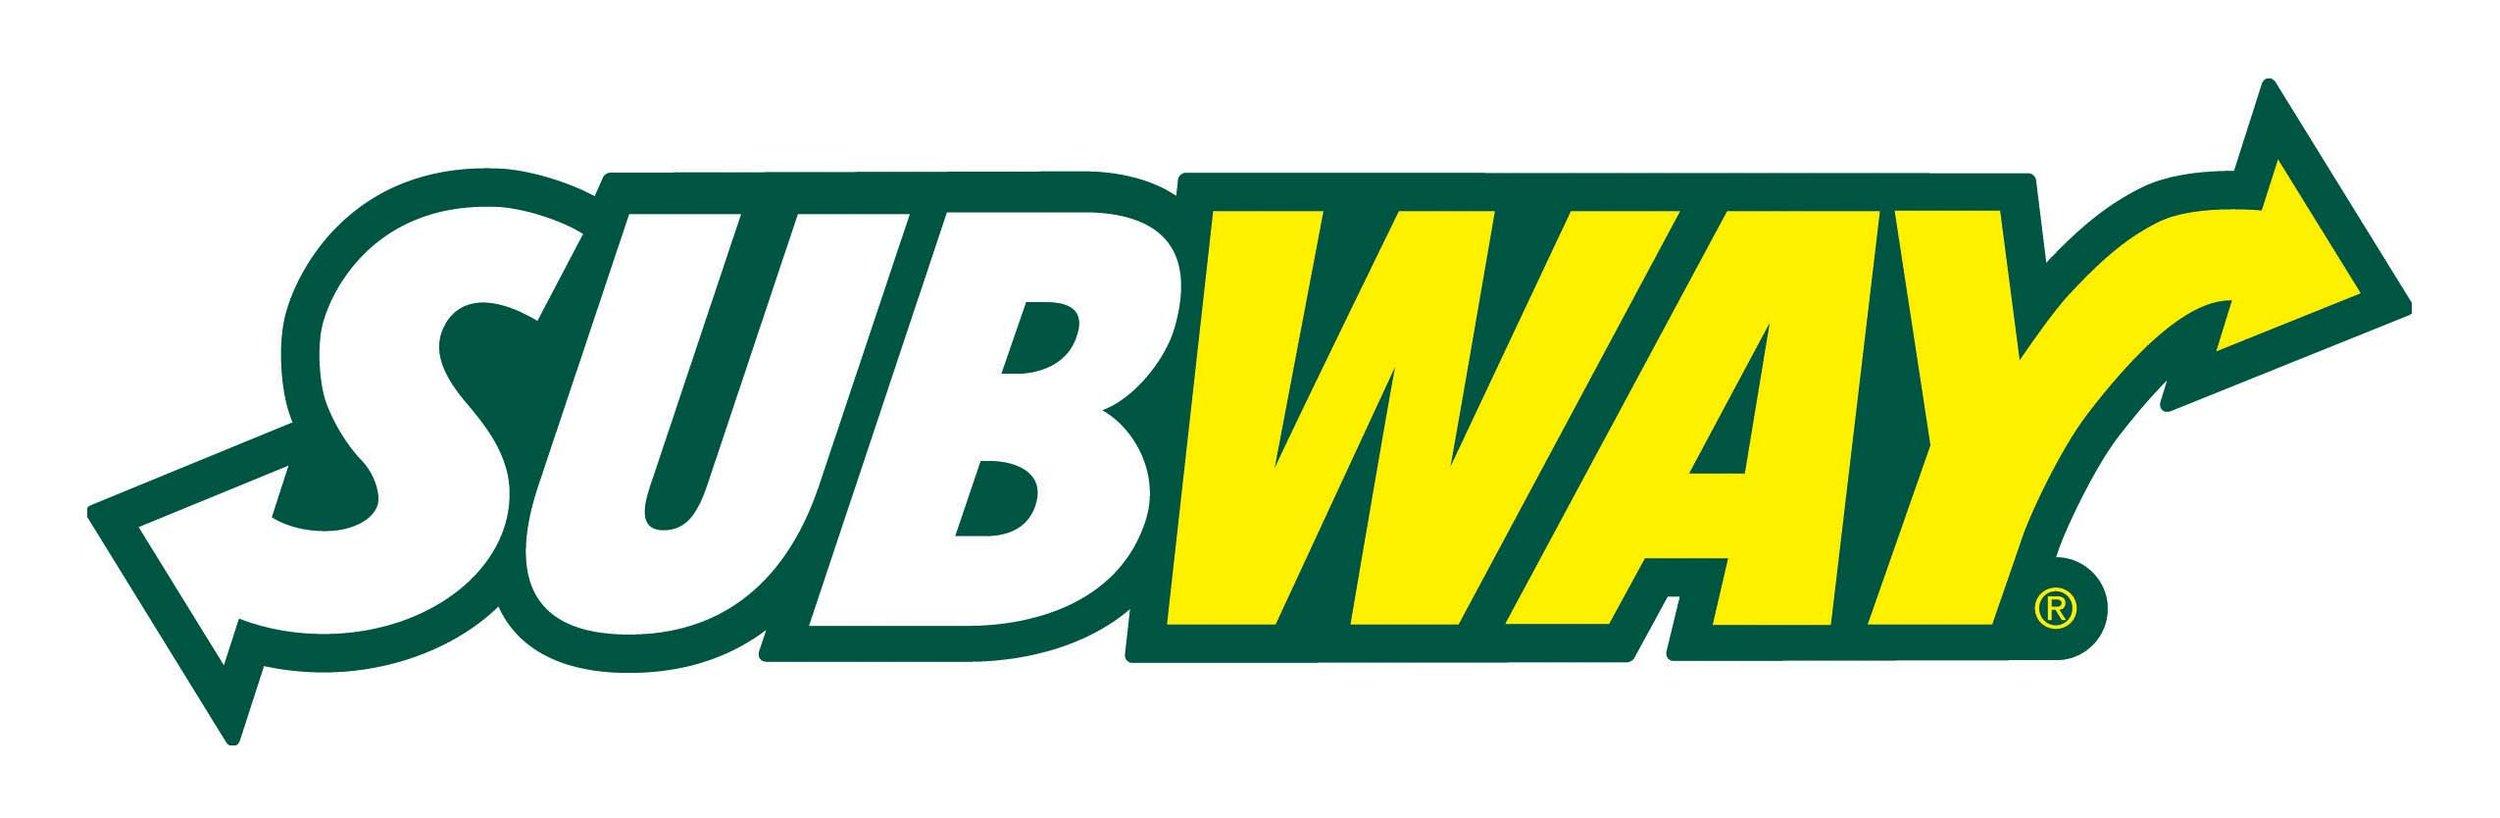 Subway_logo.jpg